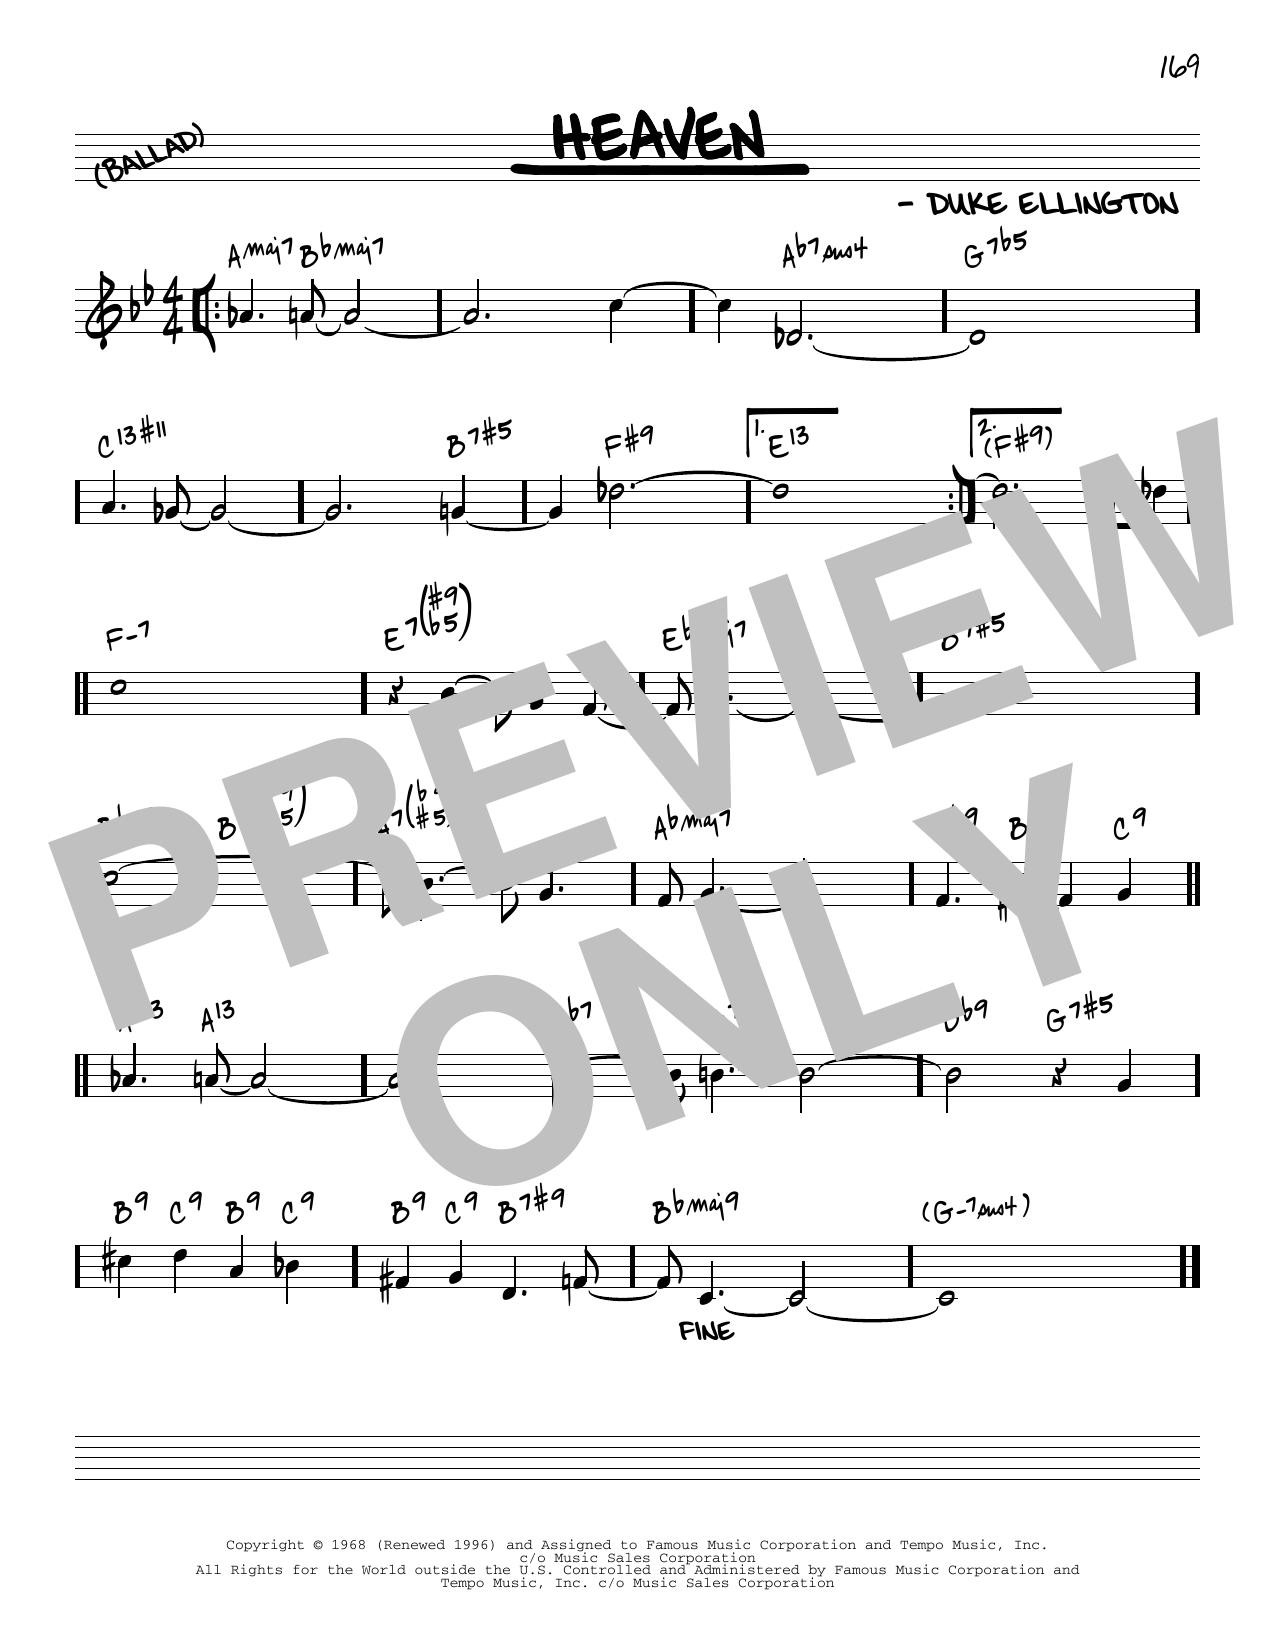 Duke Ellington Heaven [Reharmonized version] (arr. Jack Grassel) sheet music notes printable PDF score